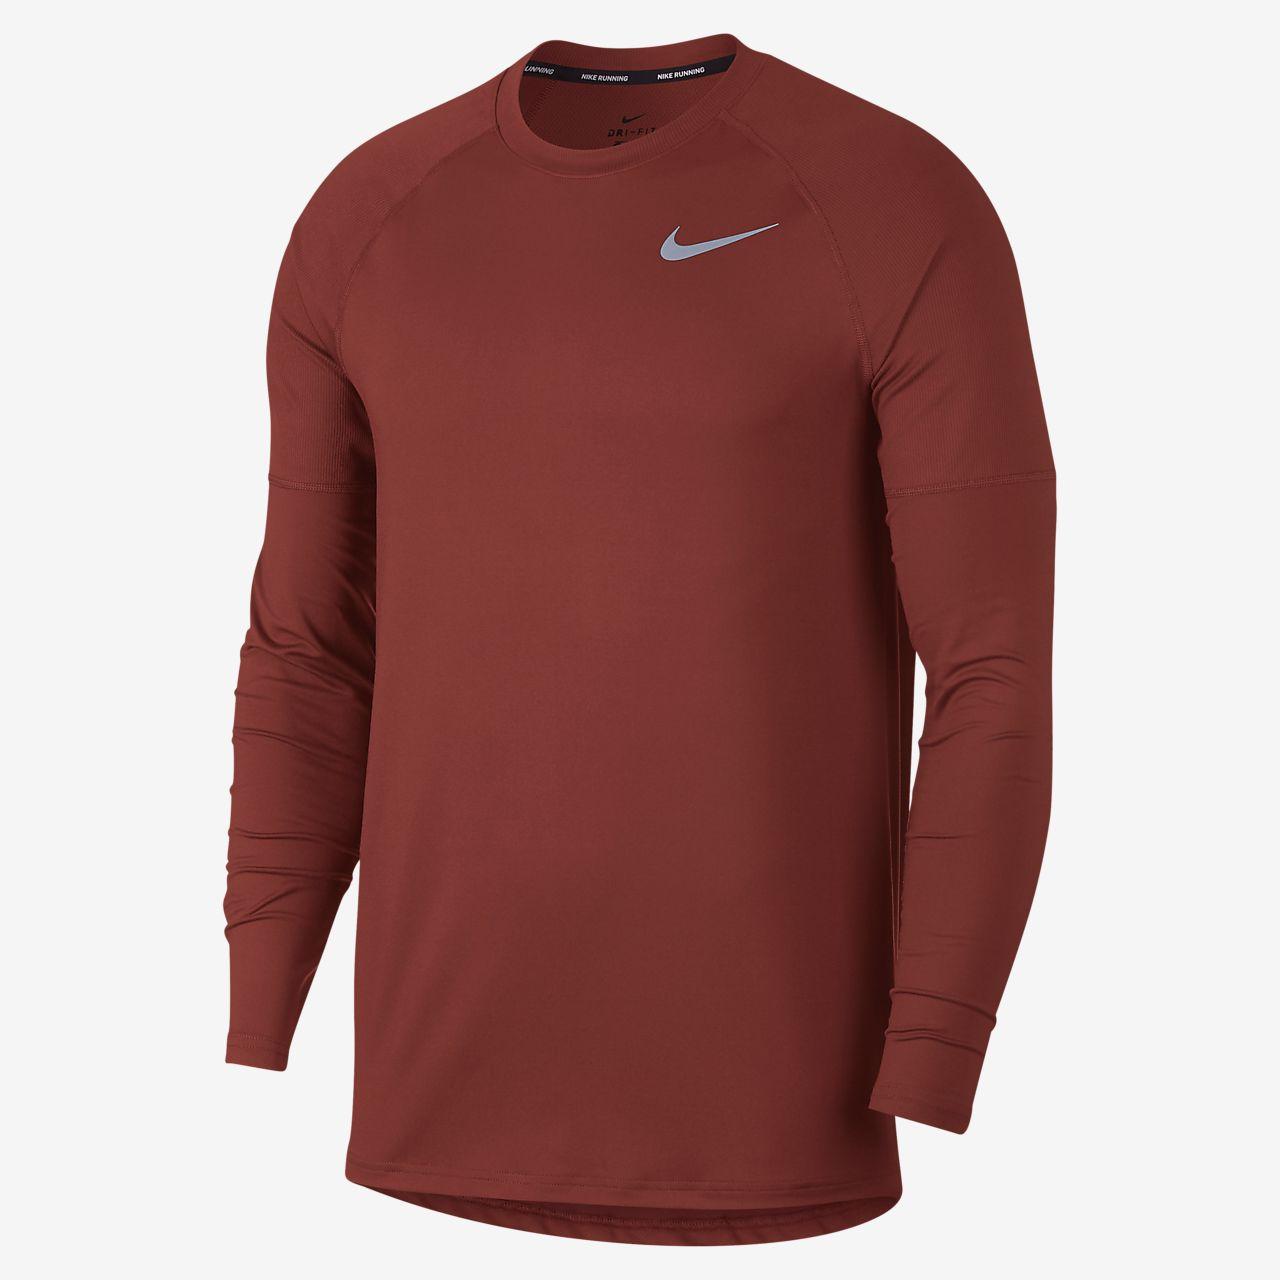 Ανδρική μπλούζα για τρέξιμο Nike